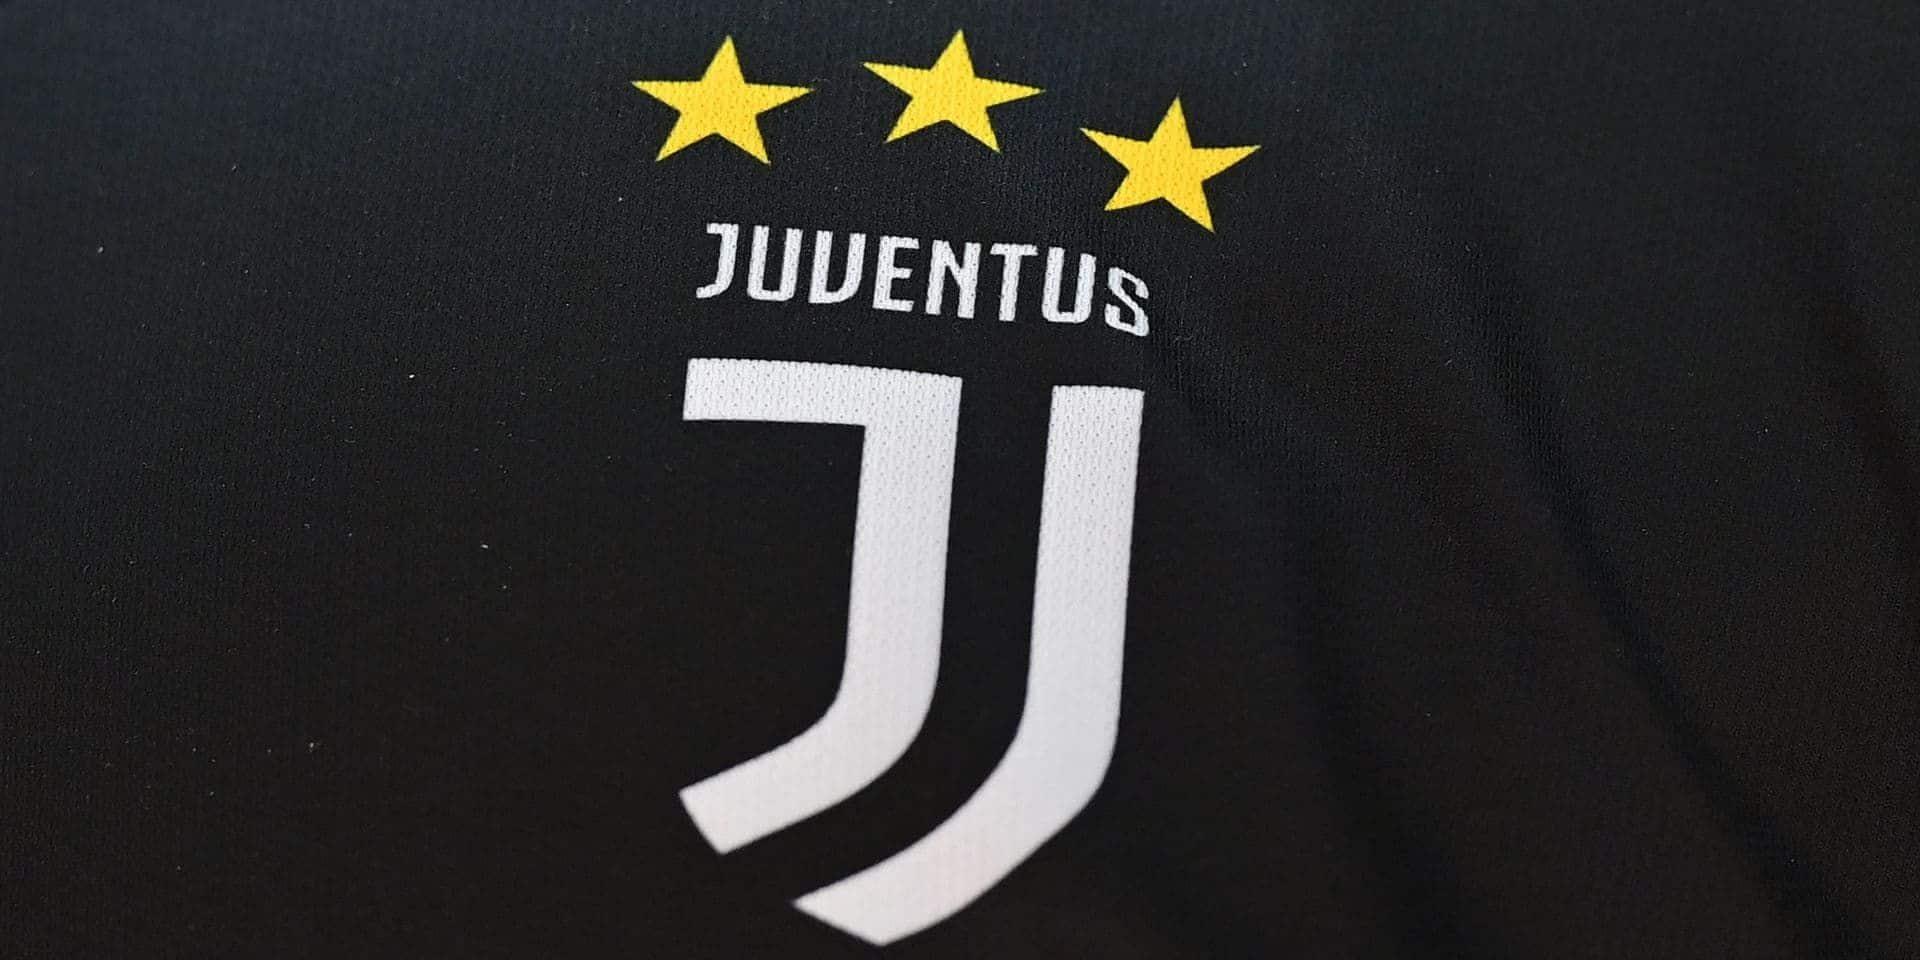 La Juventus enregistre des pertes de plus de 200 millions d'euros